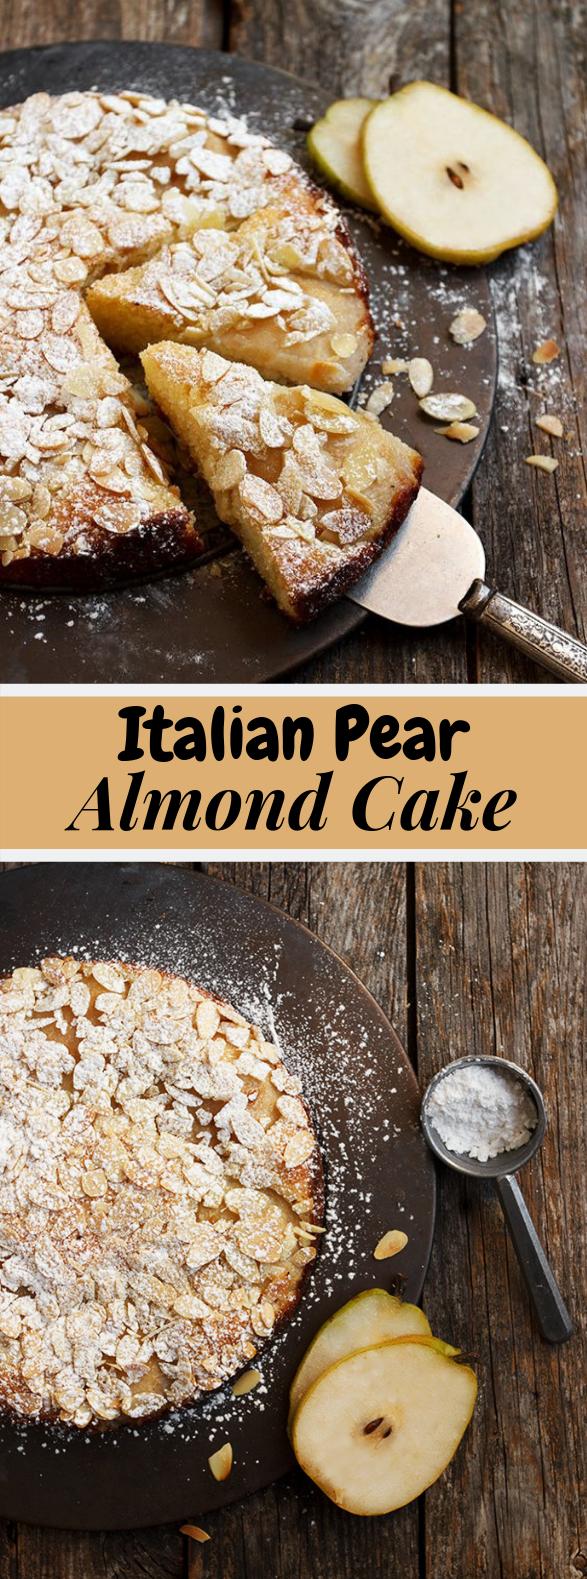 Italian Pear Almond Cake #Dessert #Dinner